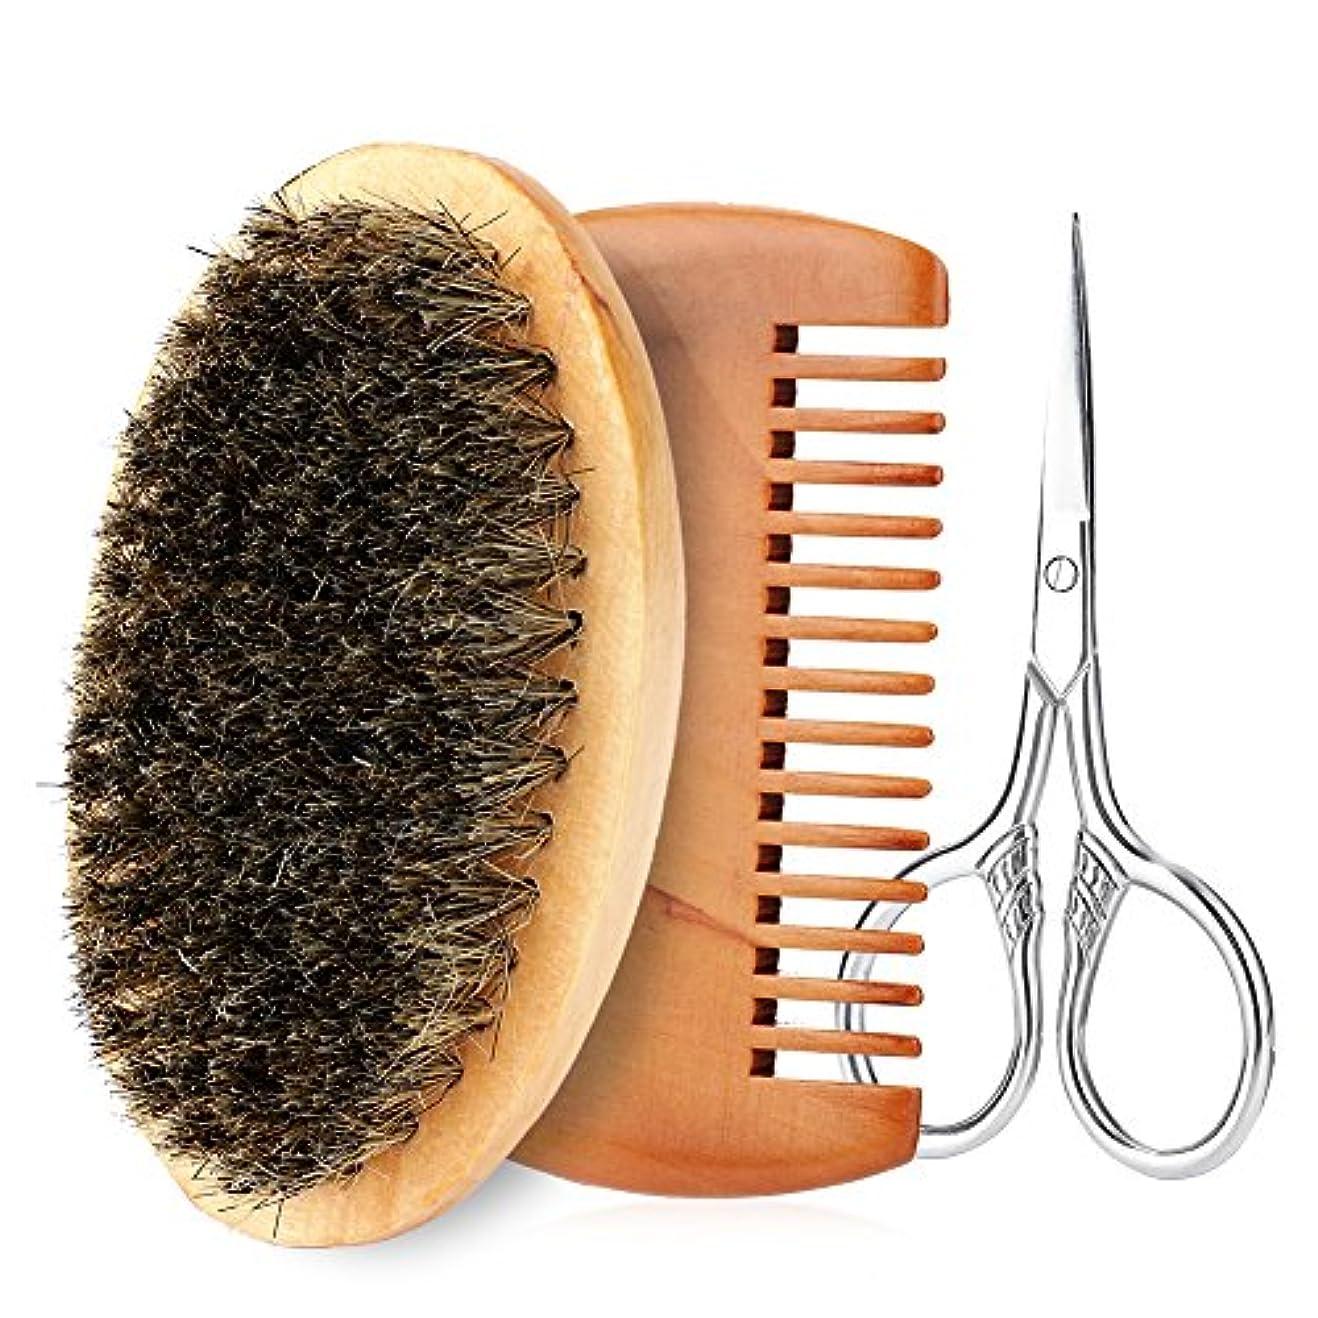 塗抹やむを得ないスチールひげブラシ、男性顔ひげクリーニングシェービングブラシフェイスマッサージャーグルーミングアプライアンスツール(#3(Beard Brush + Comb + Scissors))